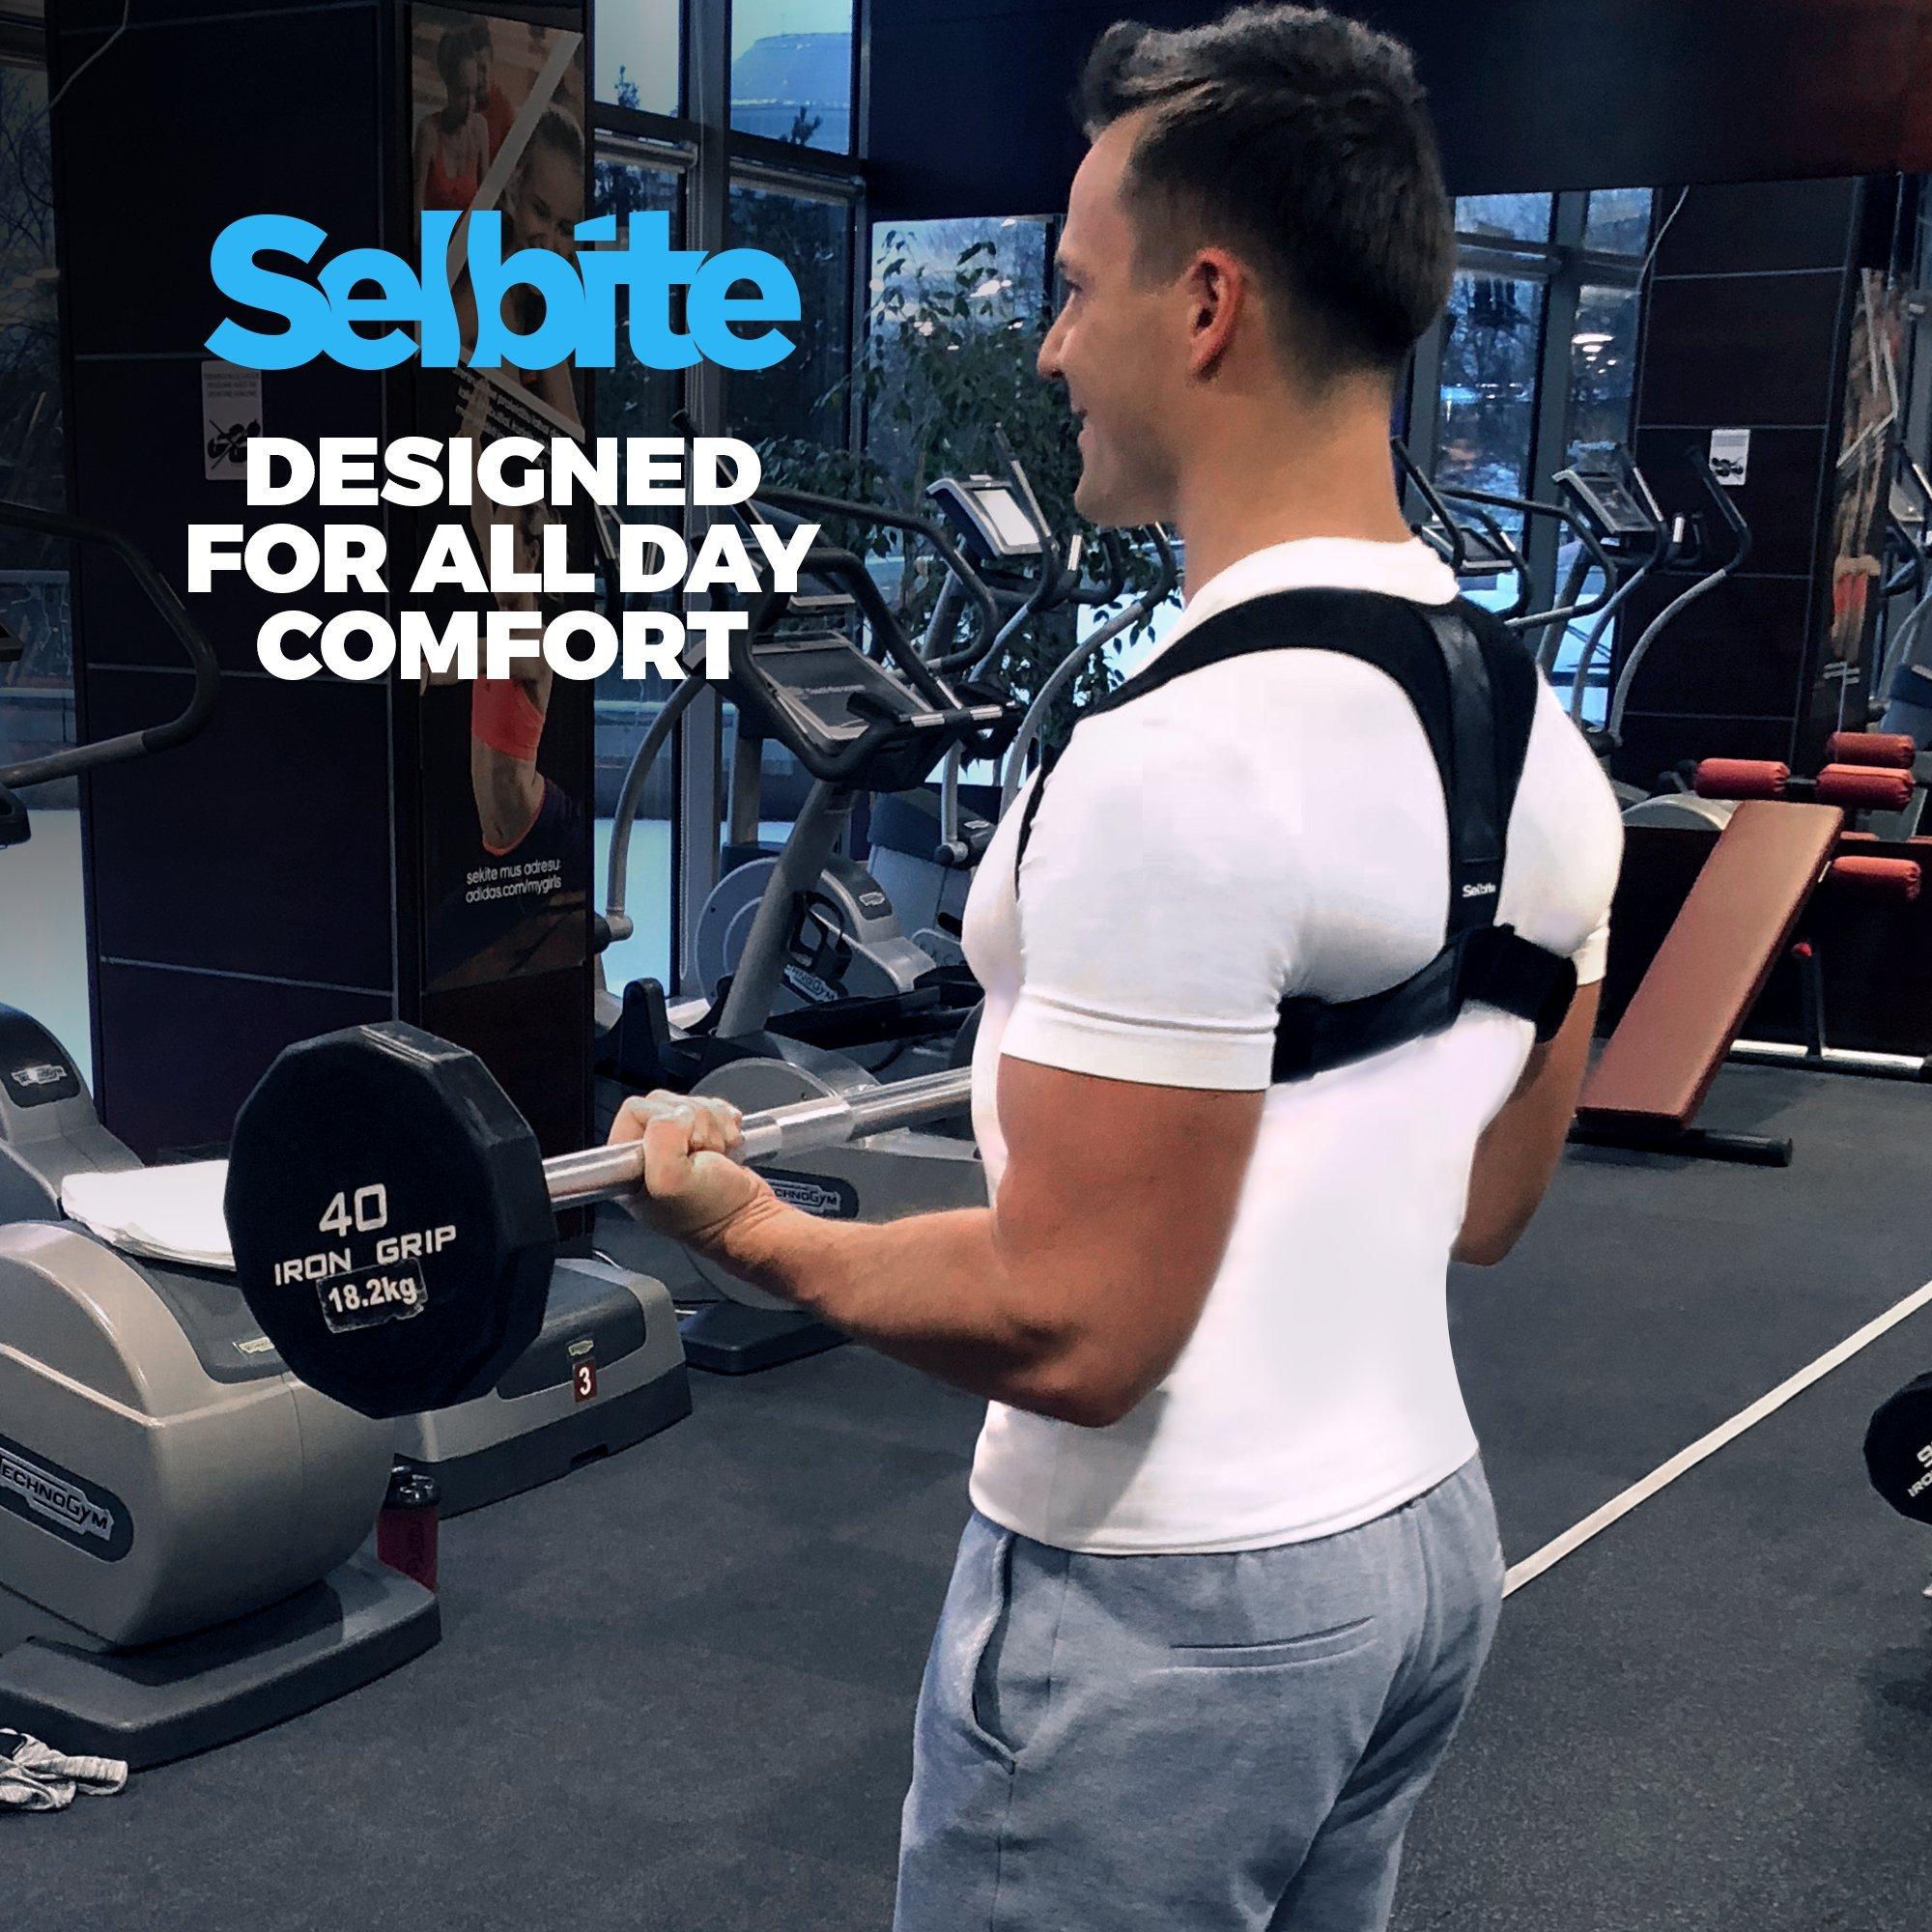 Back Posture Corrector for Men Women - Effective Posture Corrector Upper Back Straightener - Adjustable Posture Brace - Back Brace - Lightweight and Comfortable for Improving Posture by Selbite (Image #5)